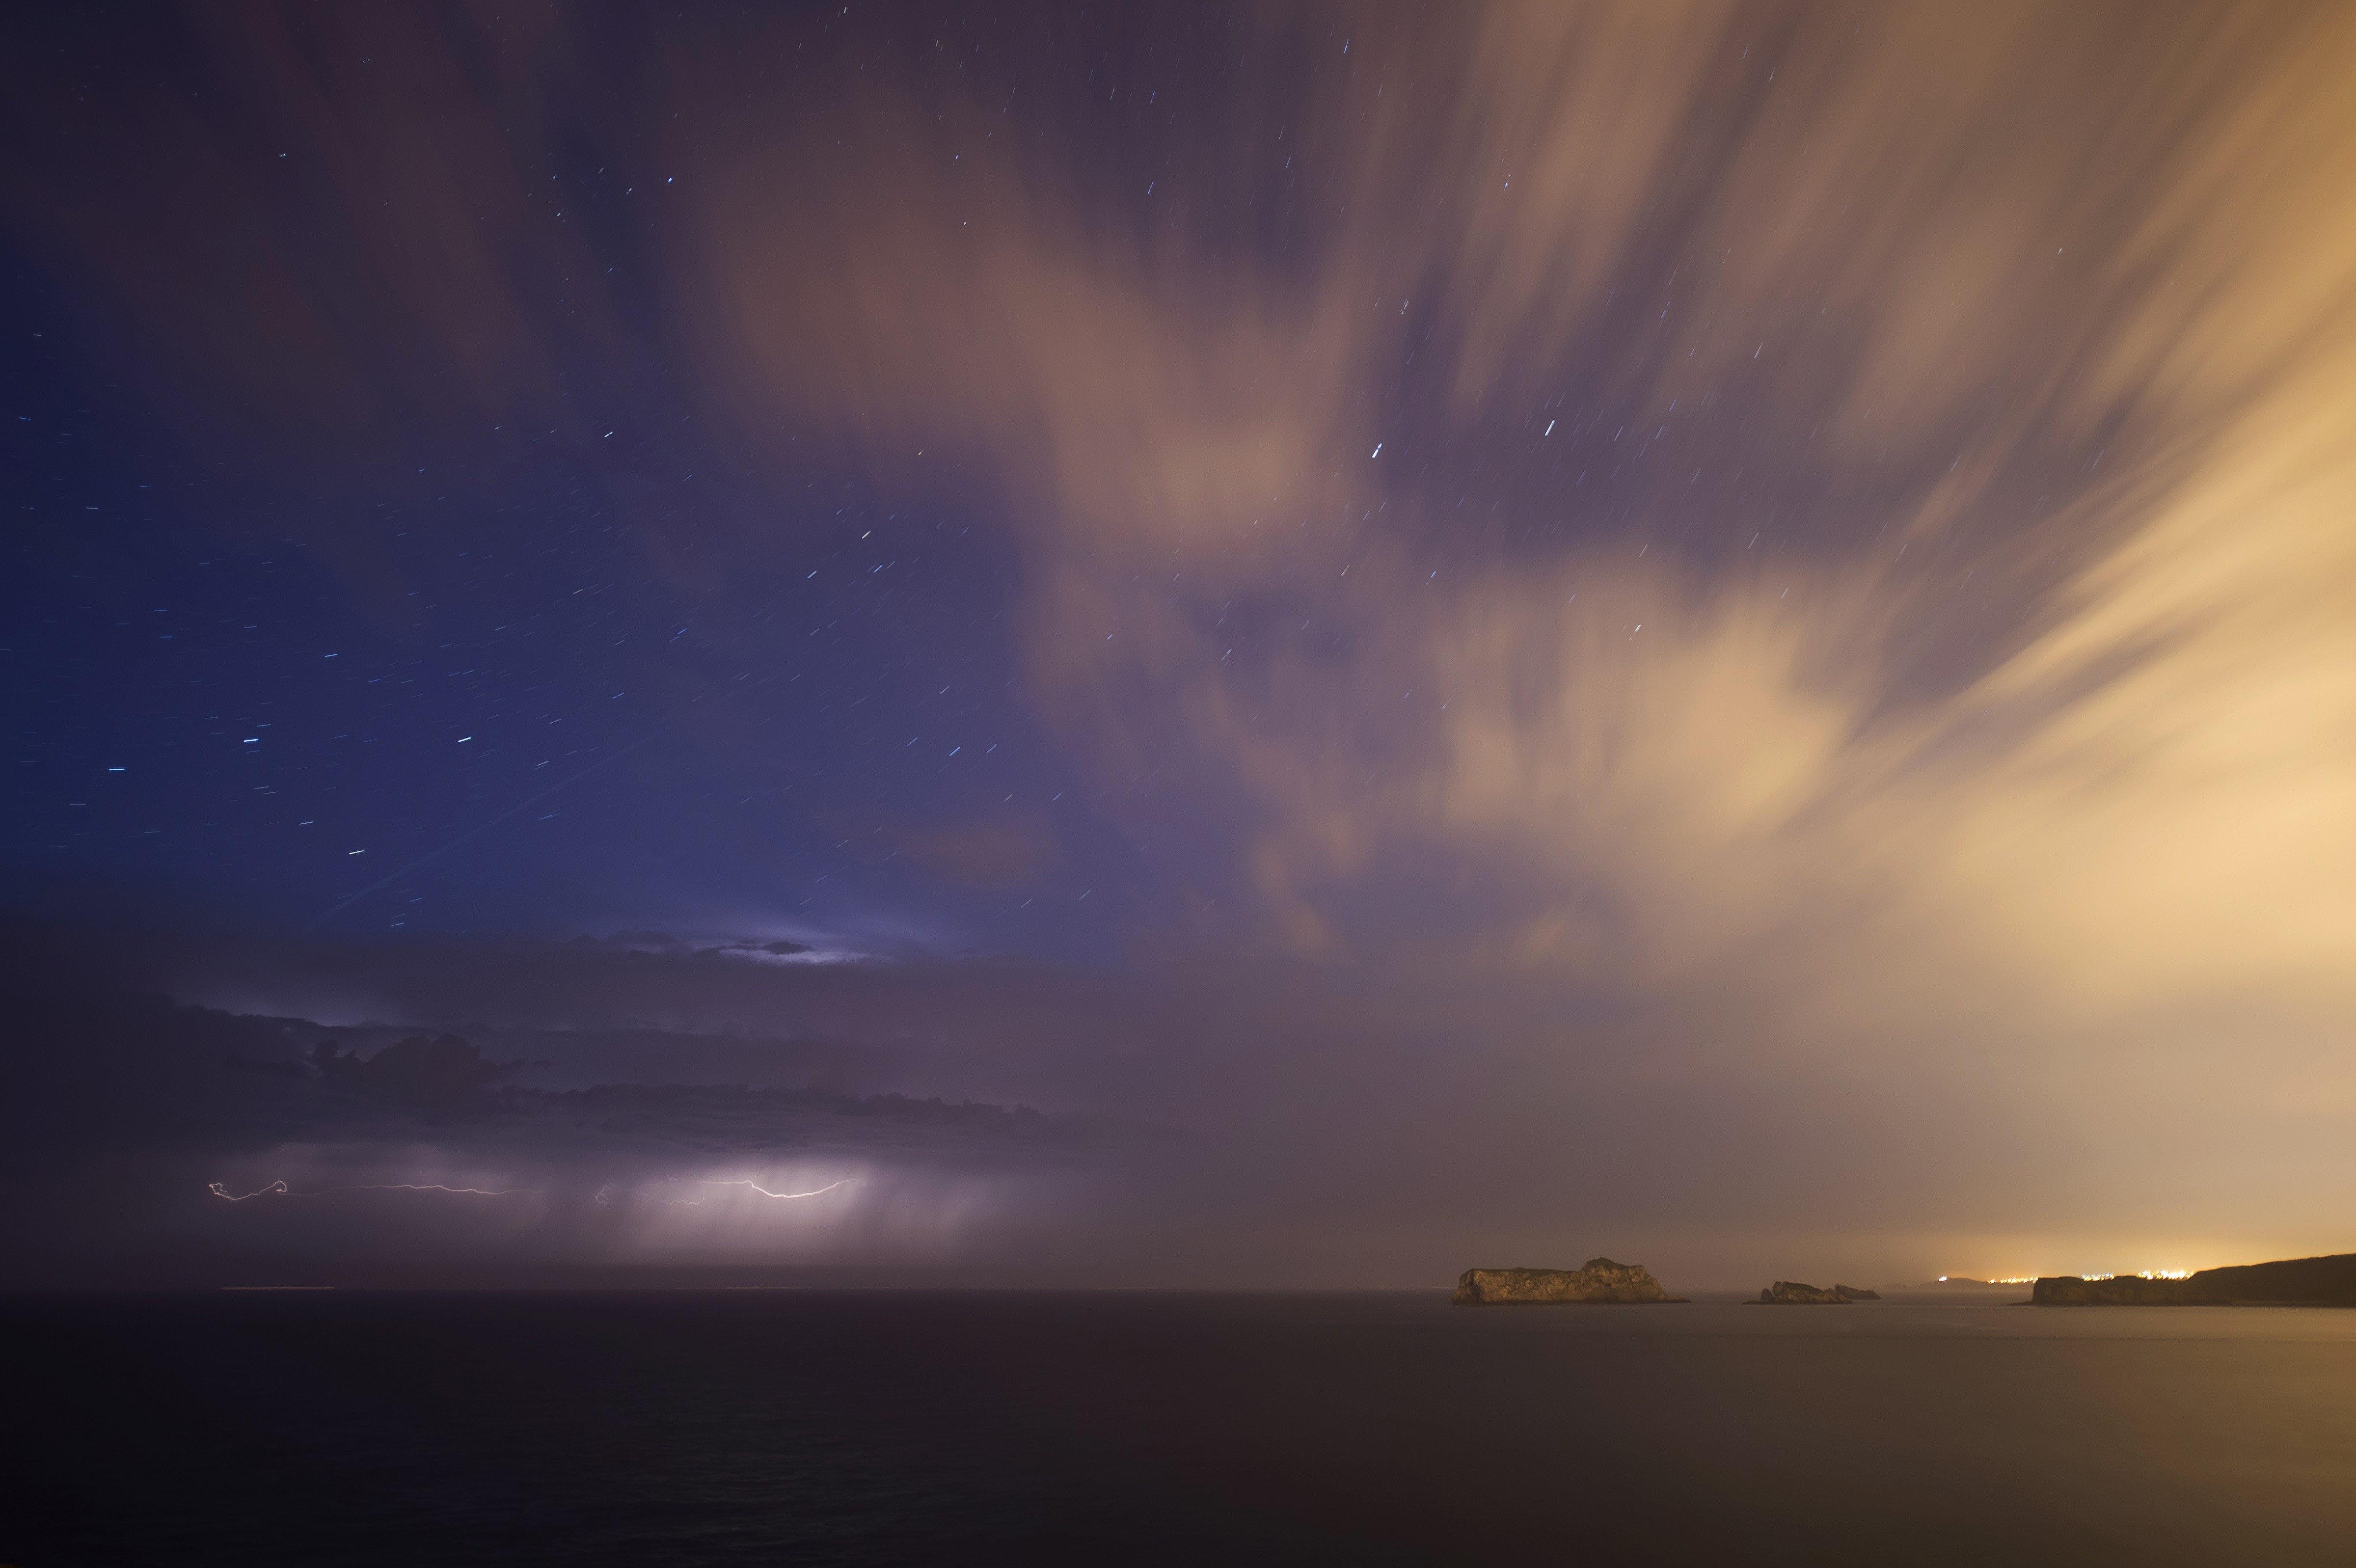 Imatge de la tempesta que va caure aquest dimarts a Suances, Cantàbria./Pedro Puente Hoyos